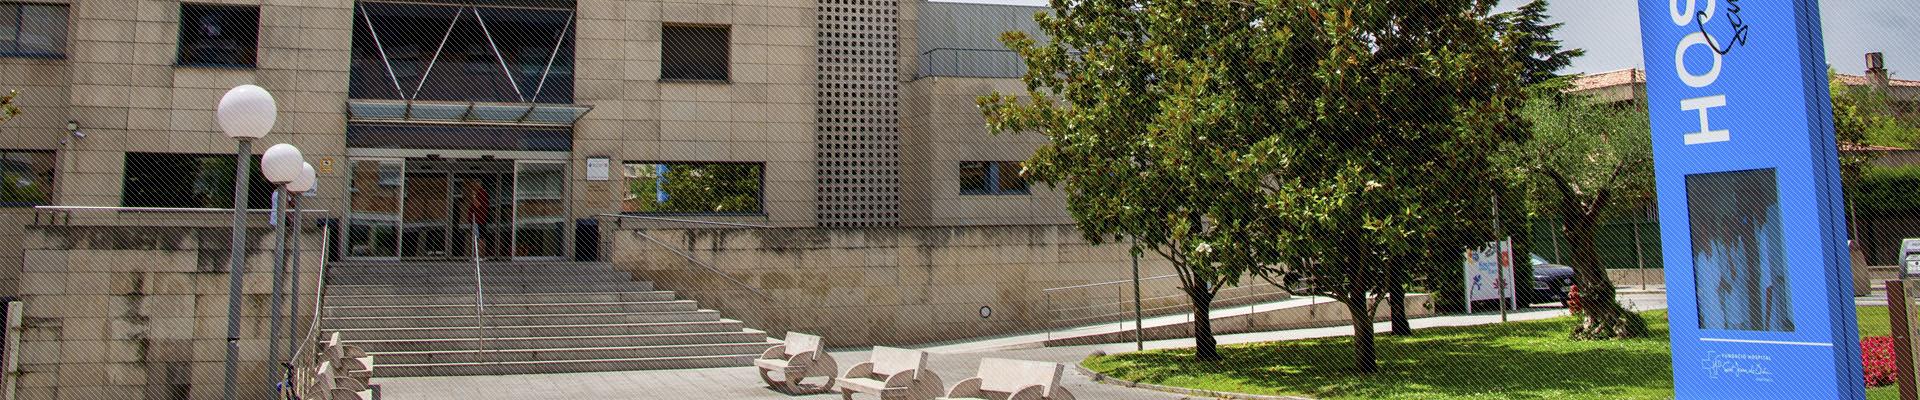 Foto façana principal de l'Hospital de Martorell